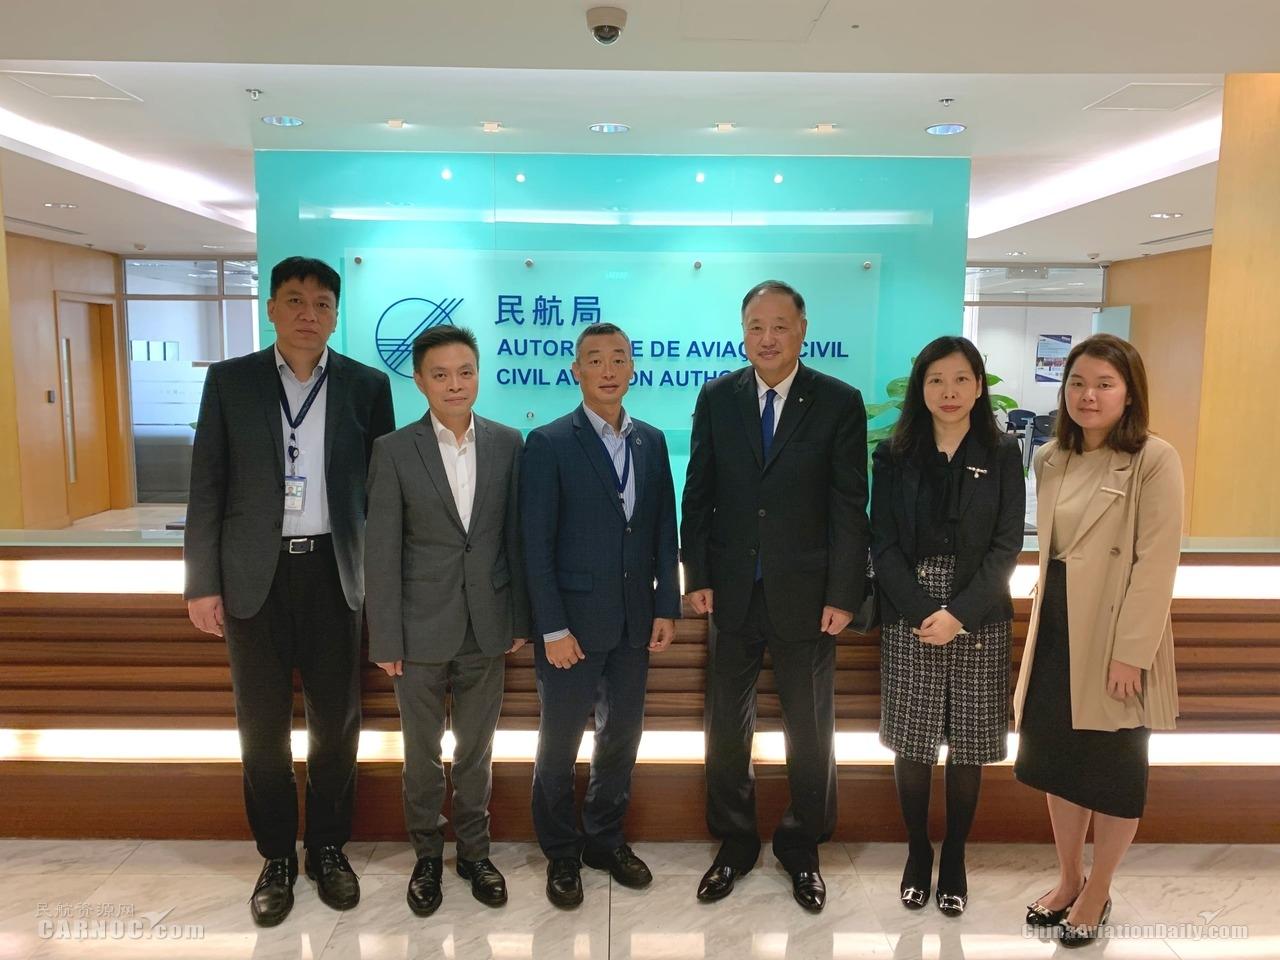 澳门机场邓军主席一行拜访澳门民航局陈颖雄局长 立下2020年工作项目